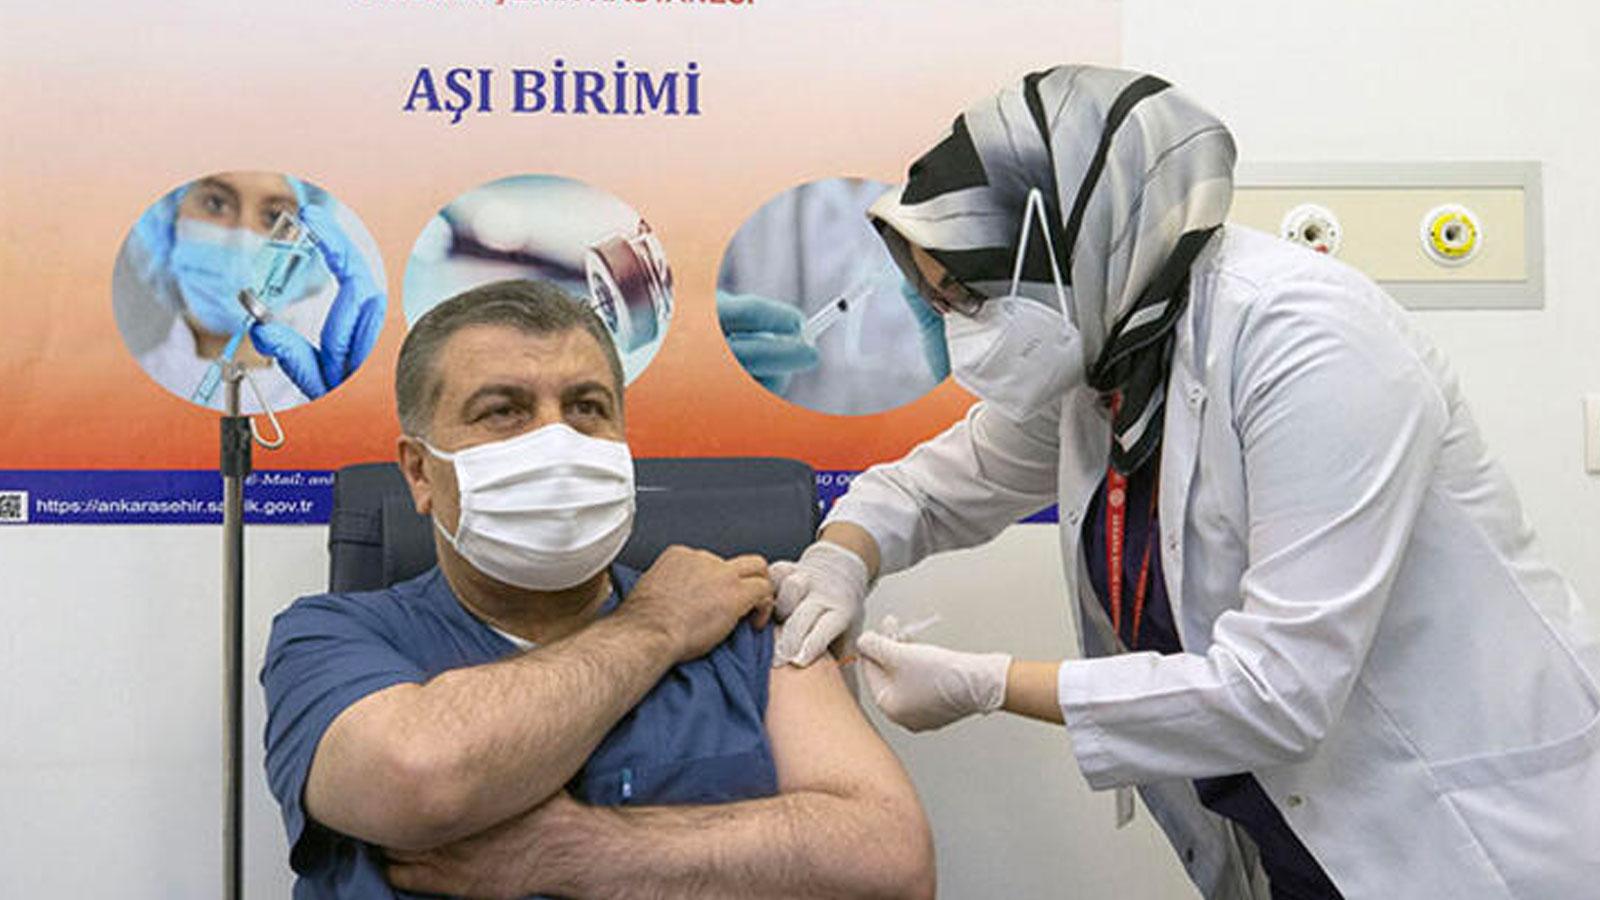 Halk sağlığı uzmanı Ortaylı: Sağlık Bakanı'na Covax konusunda yanlış bilgi verilmiş